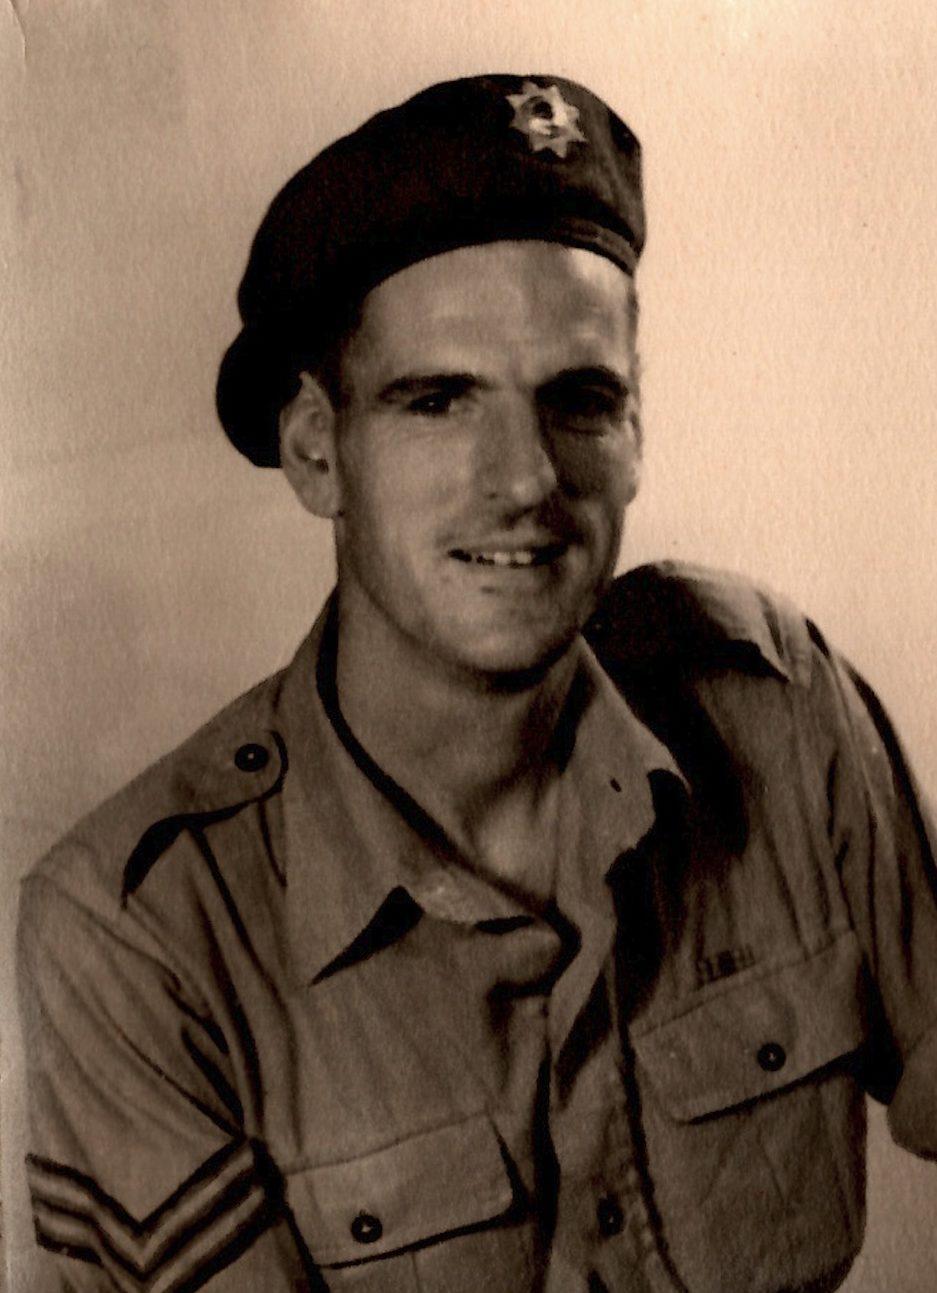 Philip Gourd 1941